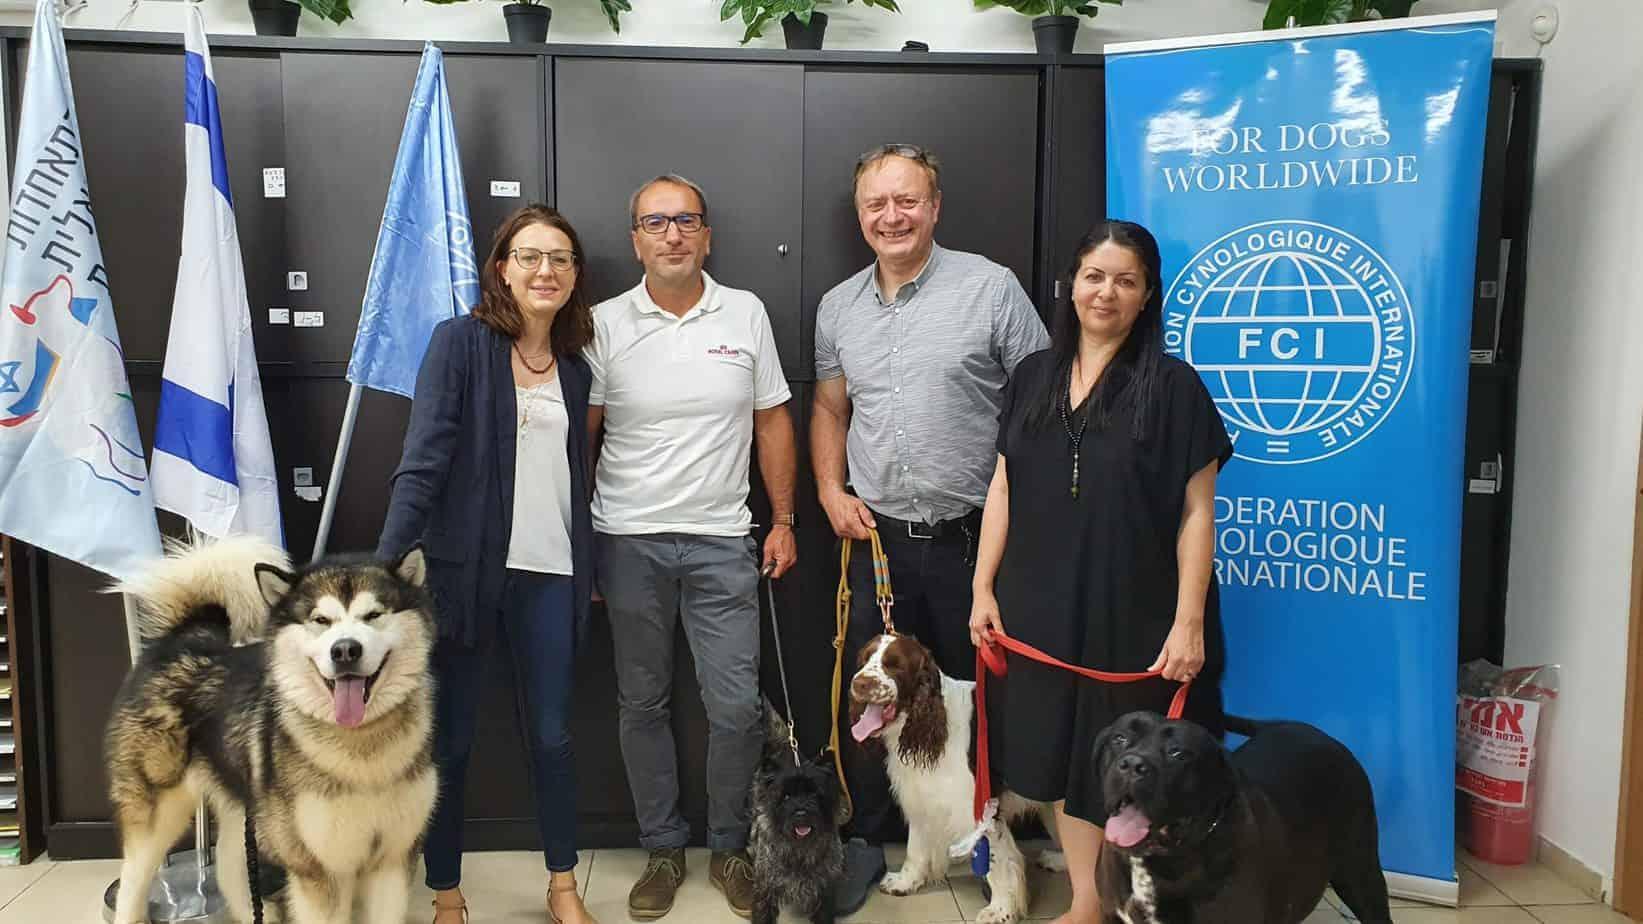 ההתאחדות לכלבנות ורויאל קנין הודיעו על שיתוף פעולה